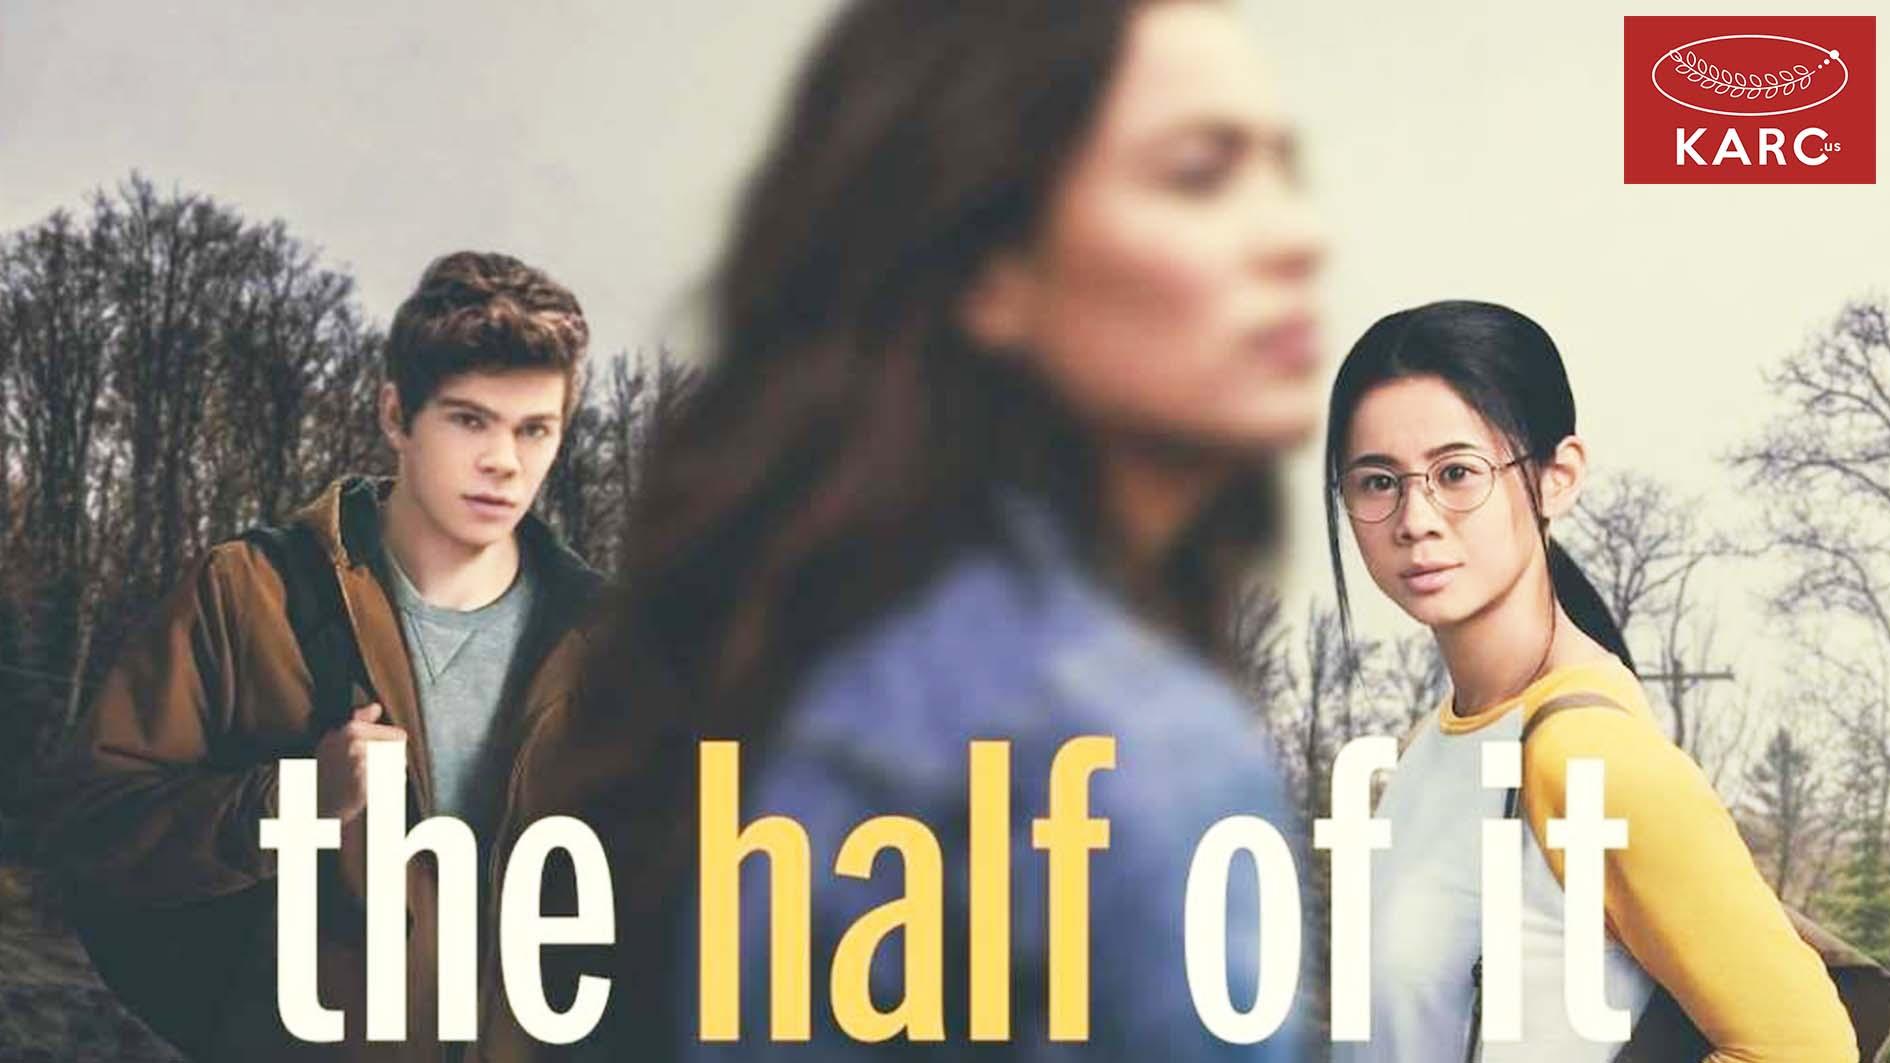 รีวิวหนัง Netflix : The Half Of It ดราม่าเอ่ยจงบังเกิด รักสามเศร้า เราสามคน karc.us , วงการภาพยนต์ , แนะนำหนังดี , แนะนำหนังน่าดูหนังน่าดู , รีวิวหนังใหม่ , ก่อนตายต้องได้ดู! , ข่าวดารา , ข่าวเด่นประเด็นร้อน , รีวิวหนังใหม่ , หนังดังในอดีต